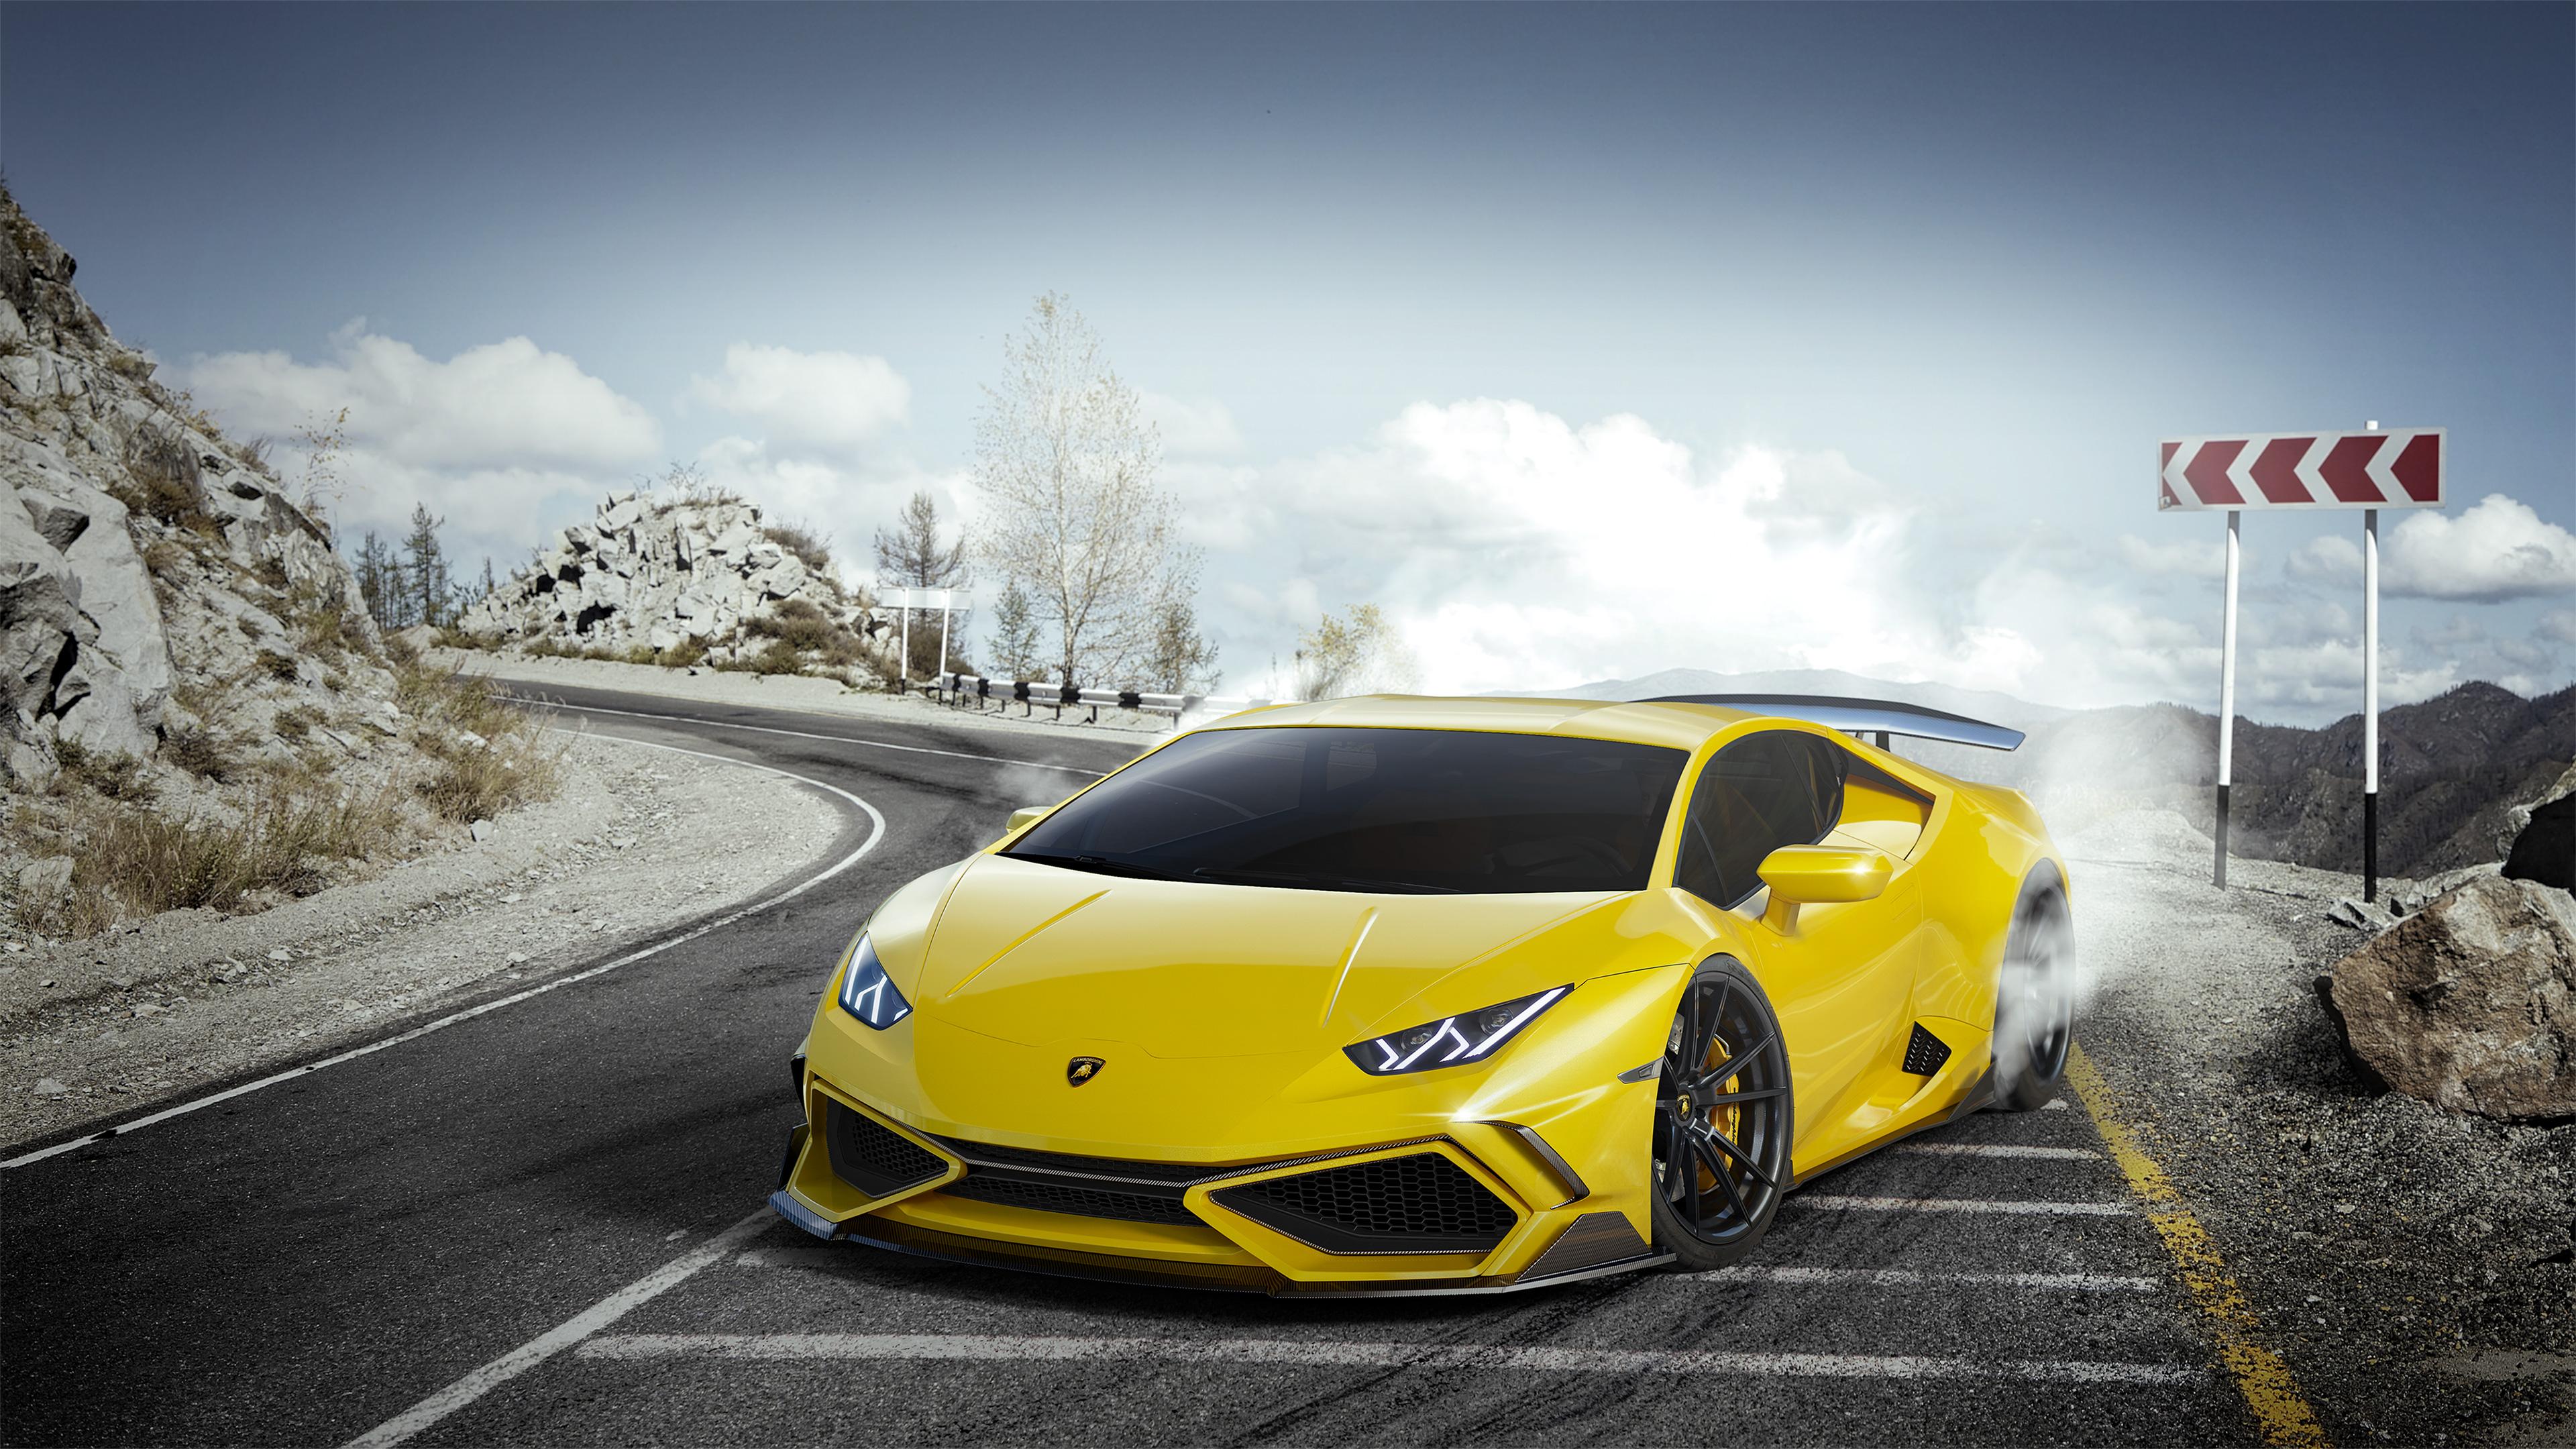 Yellow Lamborghini Huracan 4k lamborghini wallpapers ...